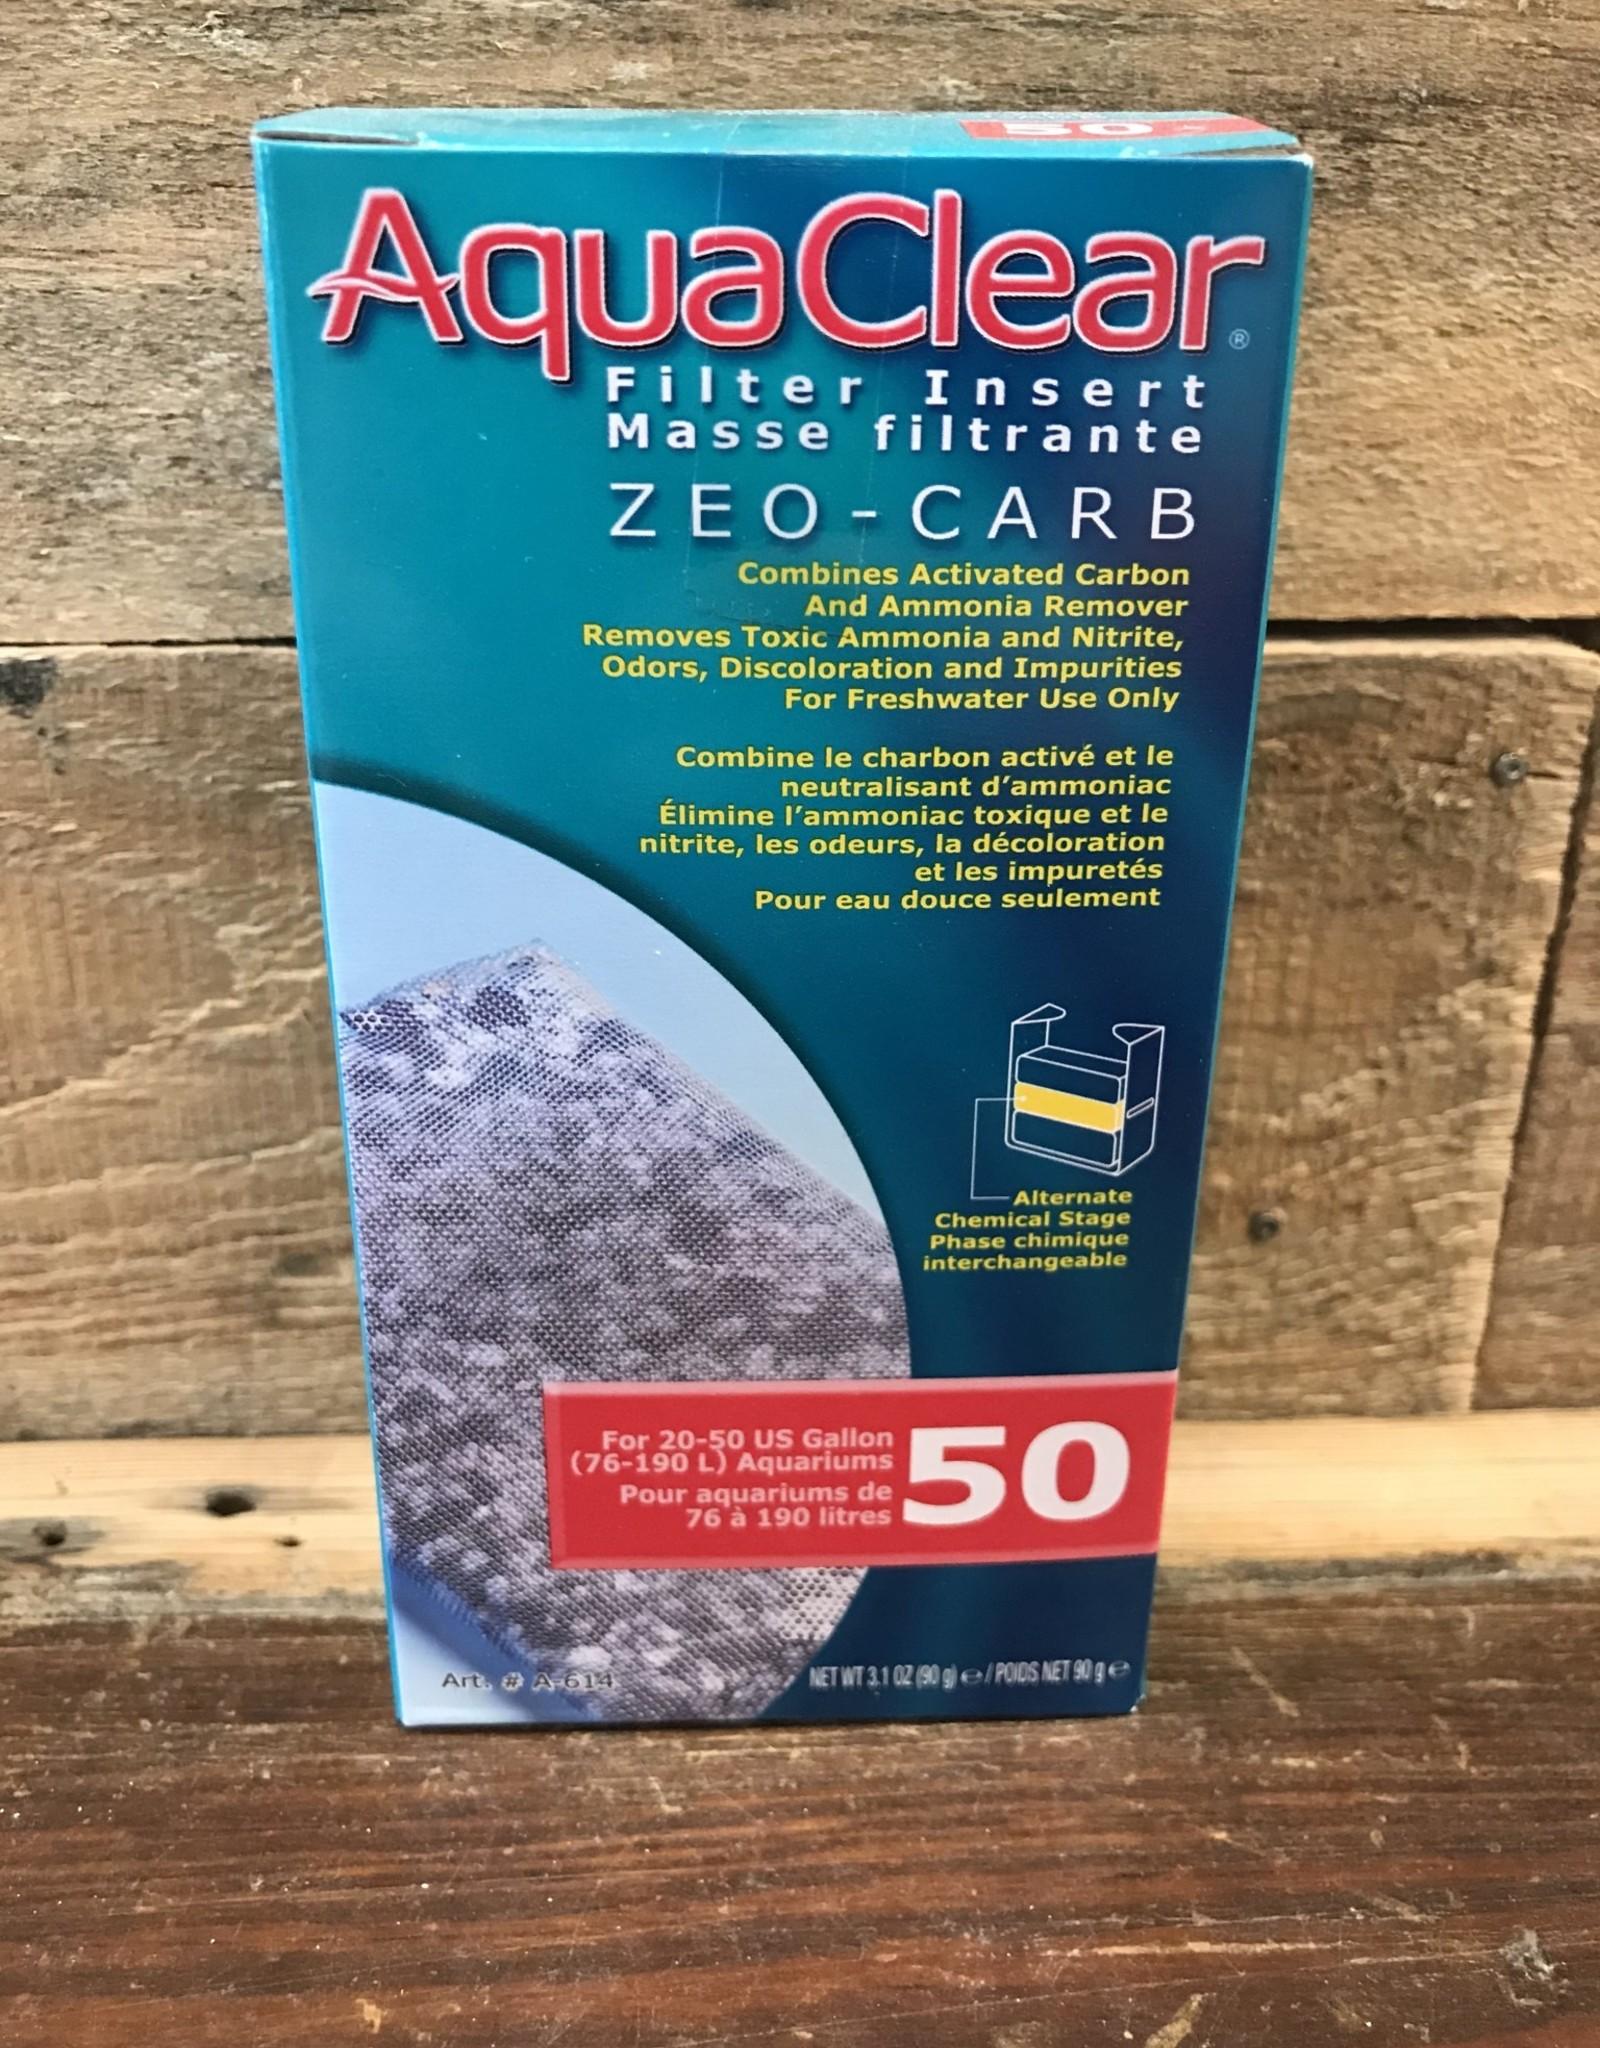 Hagen AquaClear 50 Zeo Carb